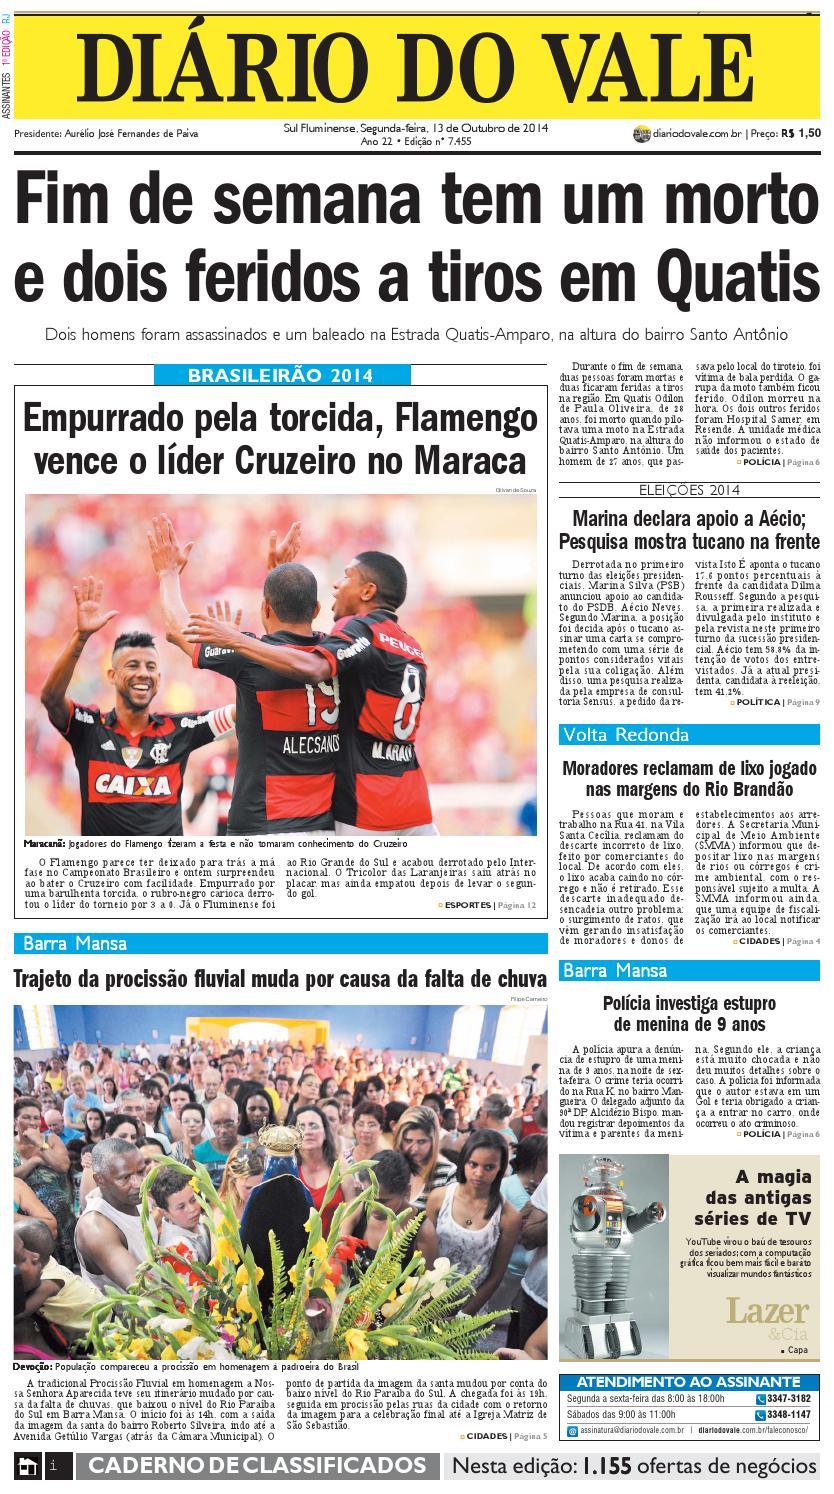 7455 diario segunda feira 13 10 2014 by Diário do Vale - issuu 4f39045a053d0